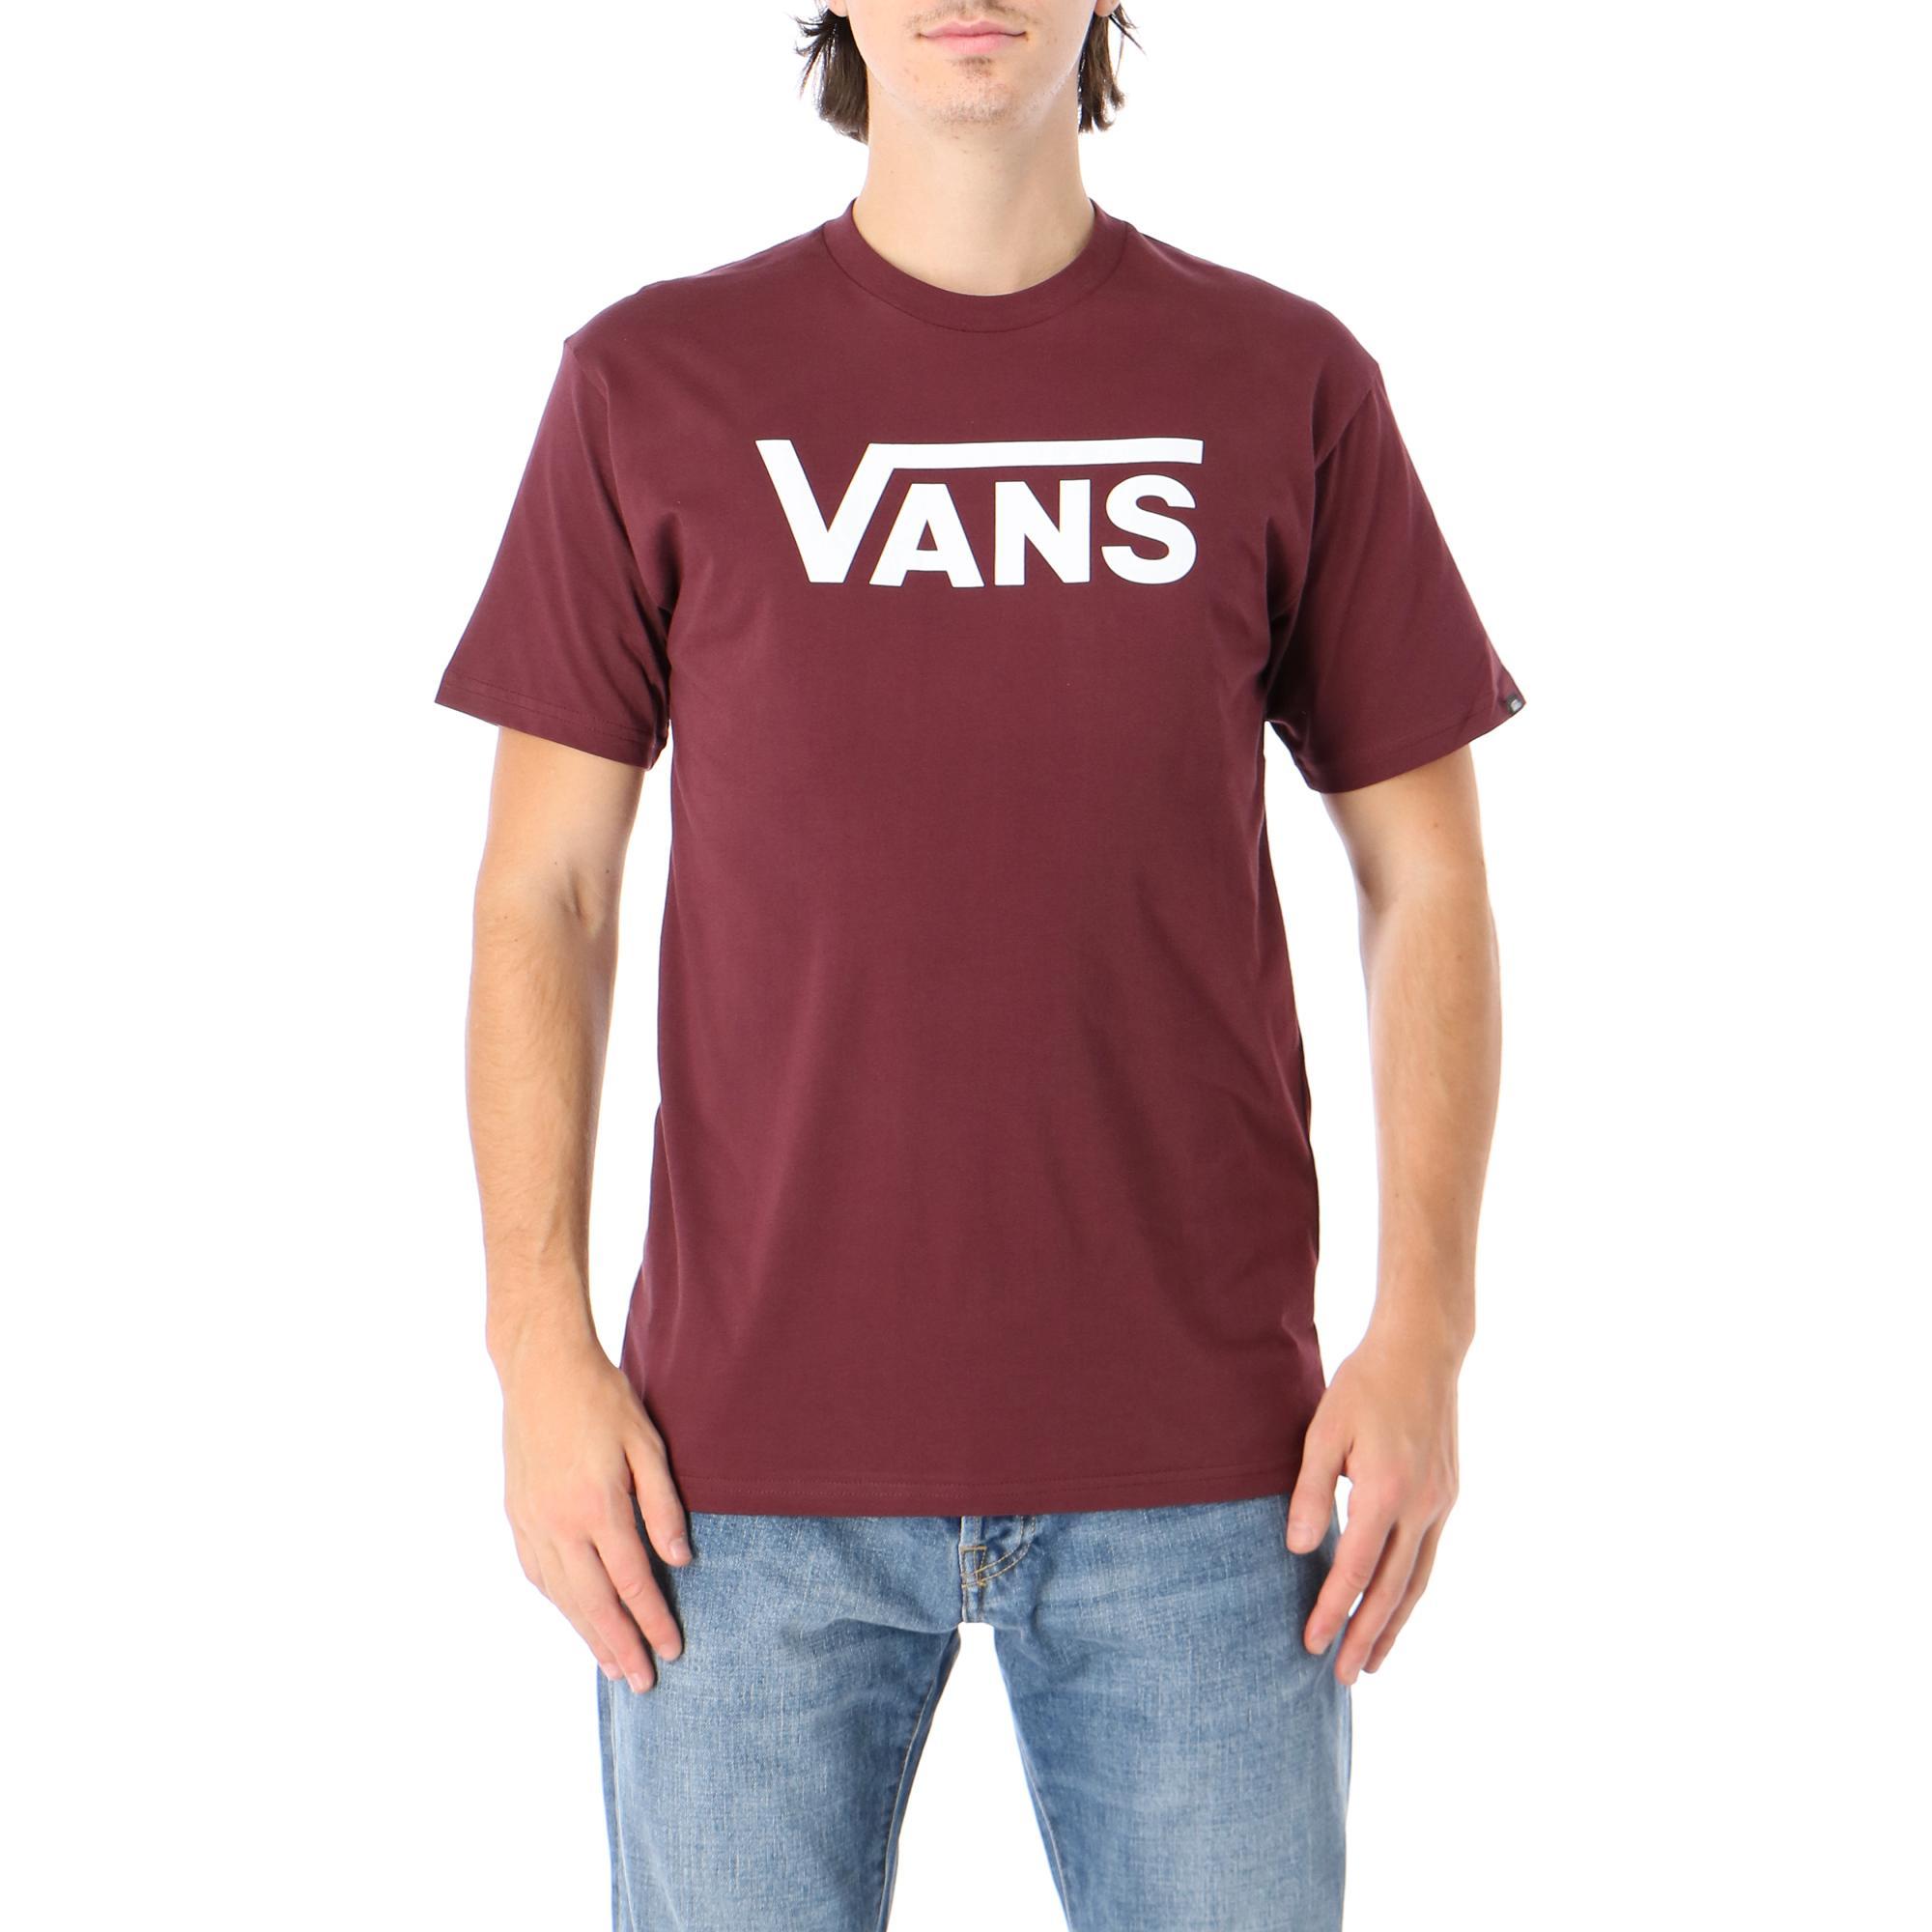 Vans Classic<br/> Port royale white